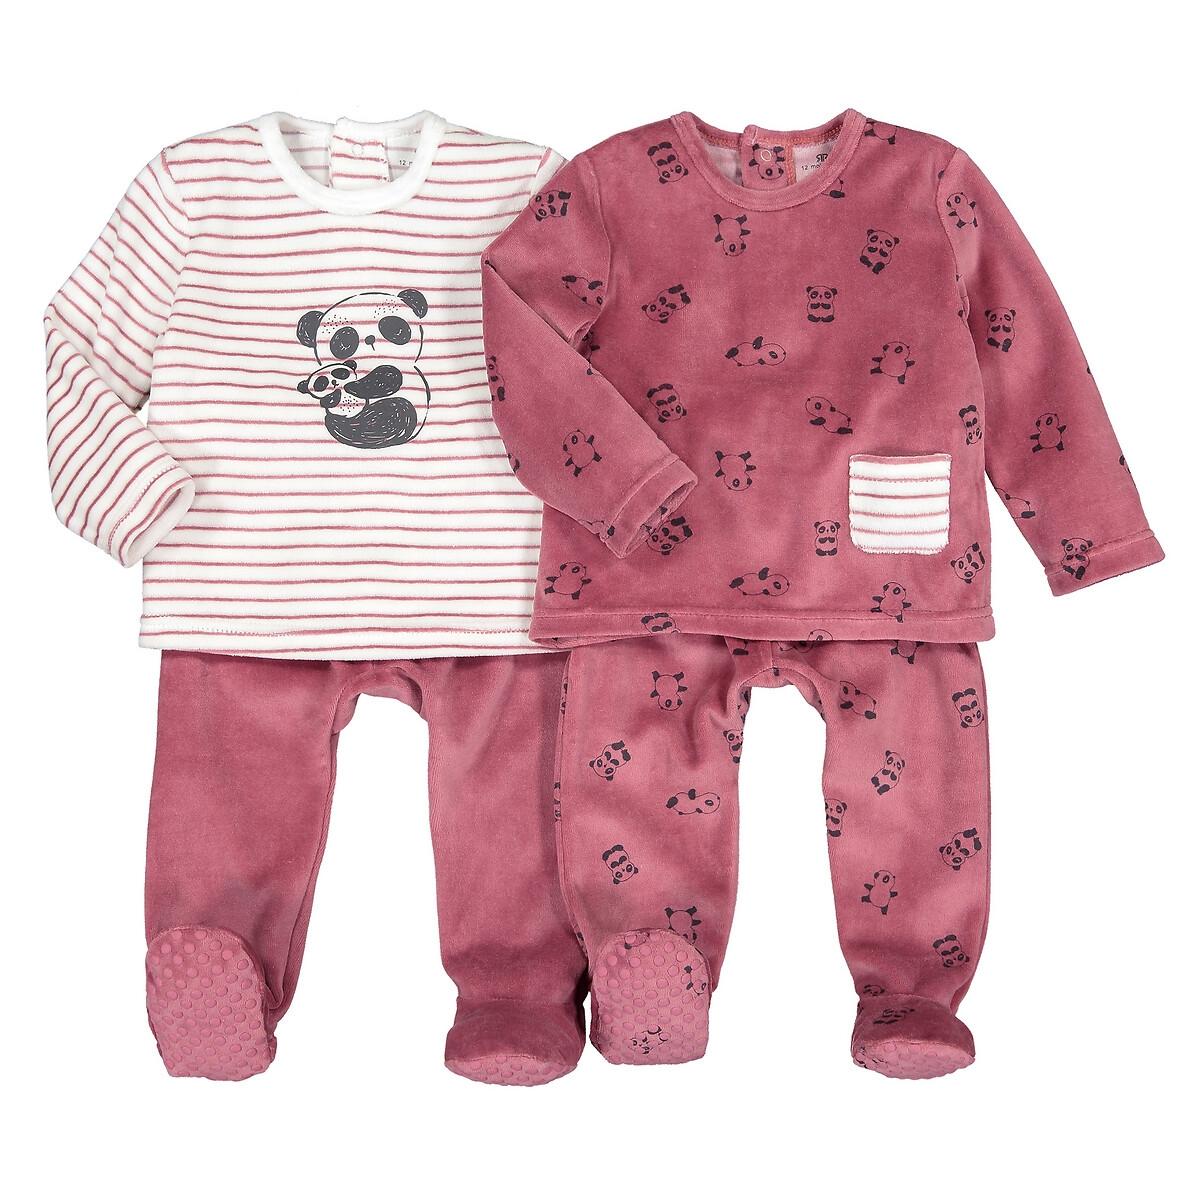 Комплект из 2 раздельных пижам LaRedoute